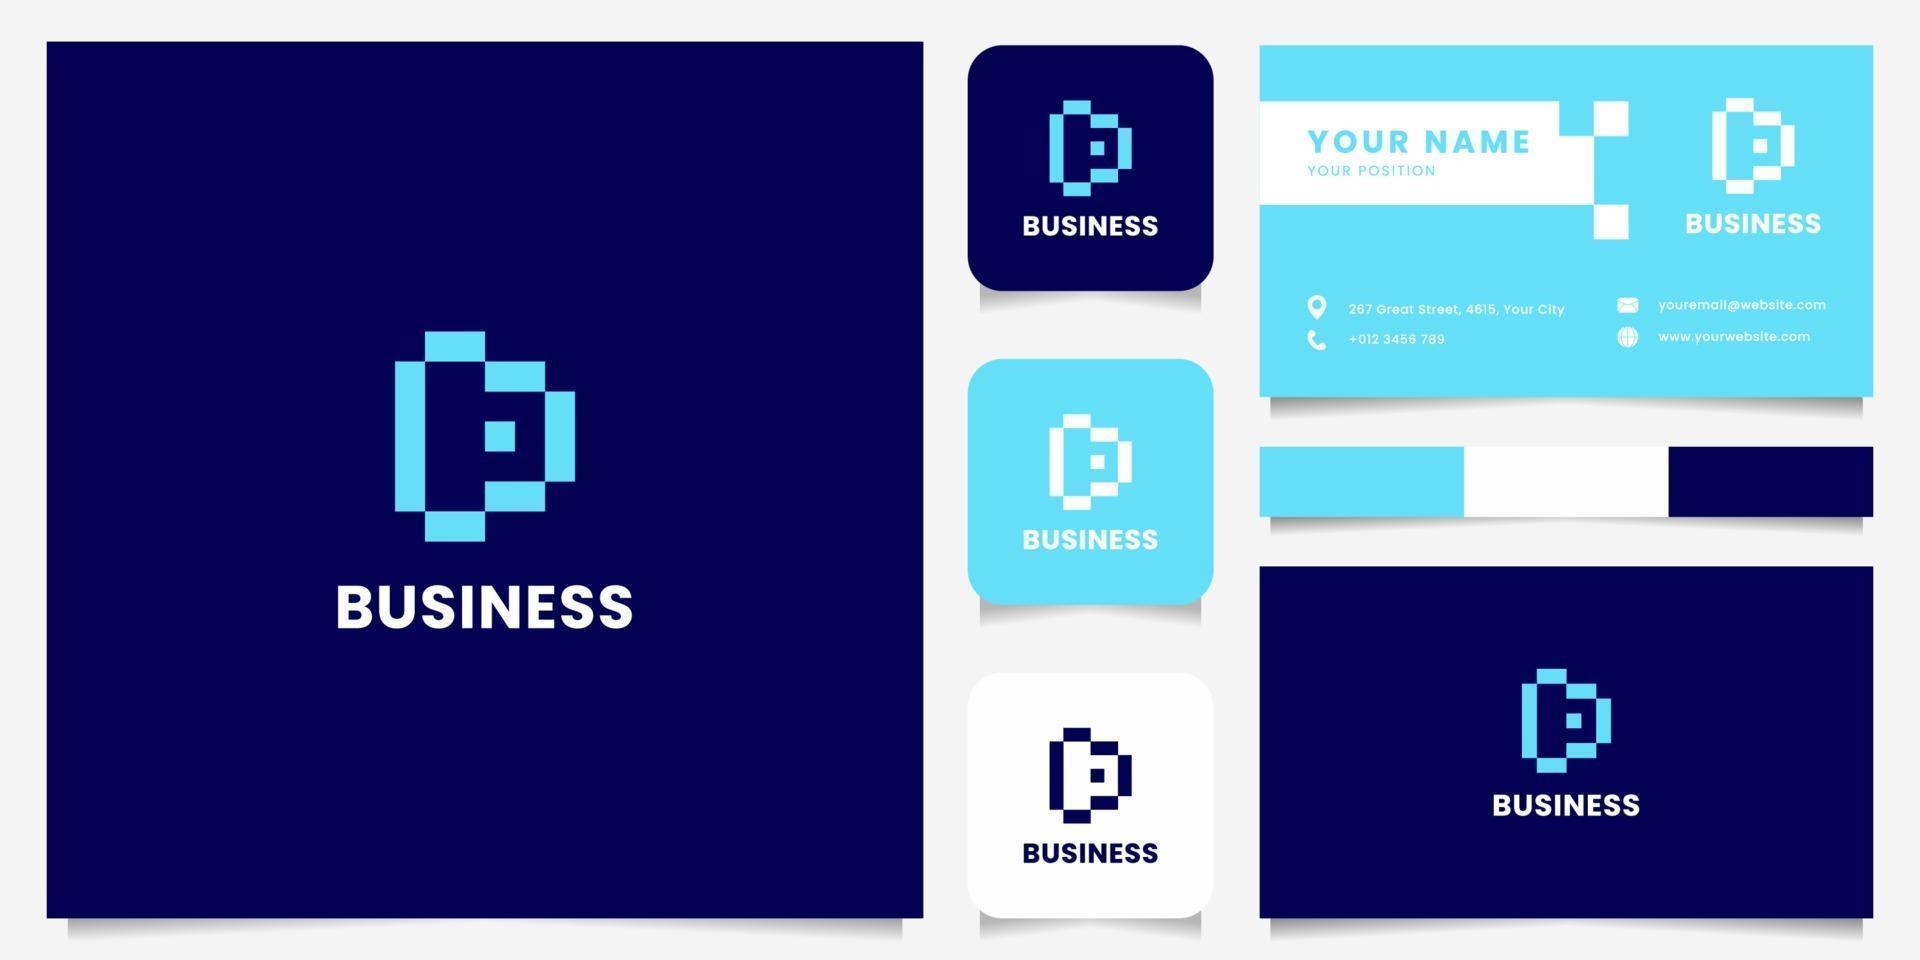 enkel och minimalistisk blå pixel bokstav d-logotyp med visitkortsmall vektor